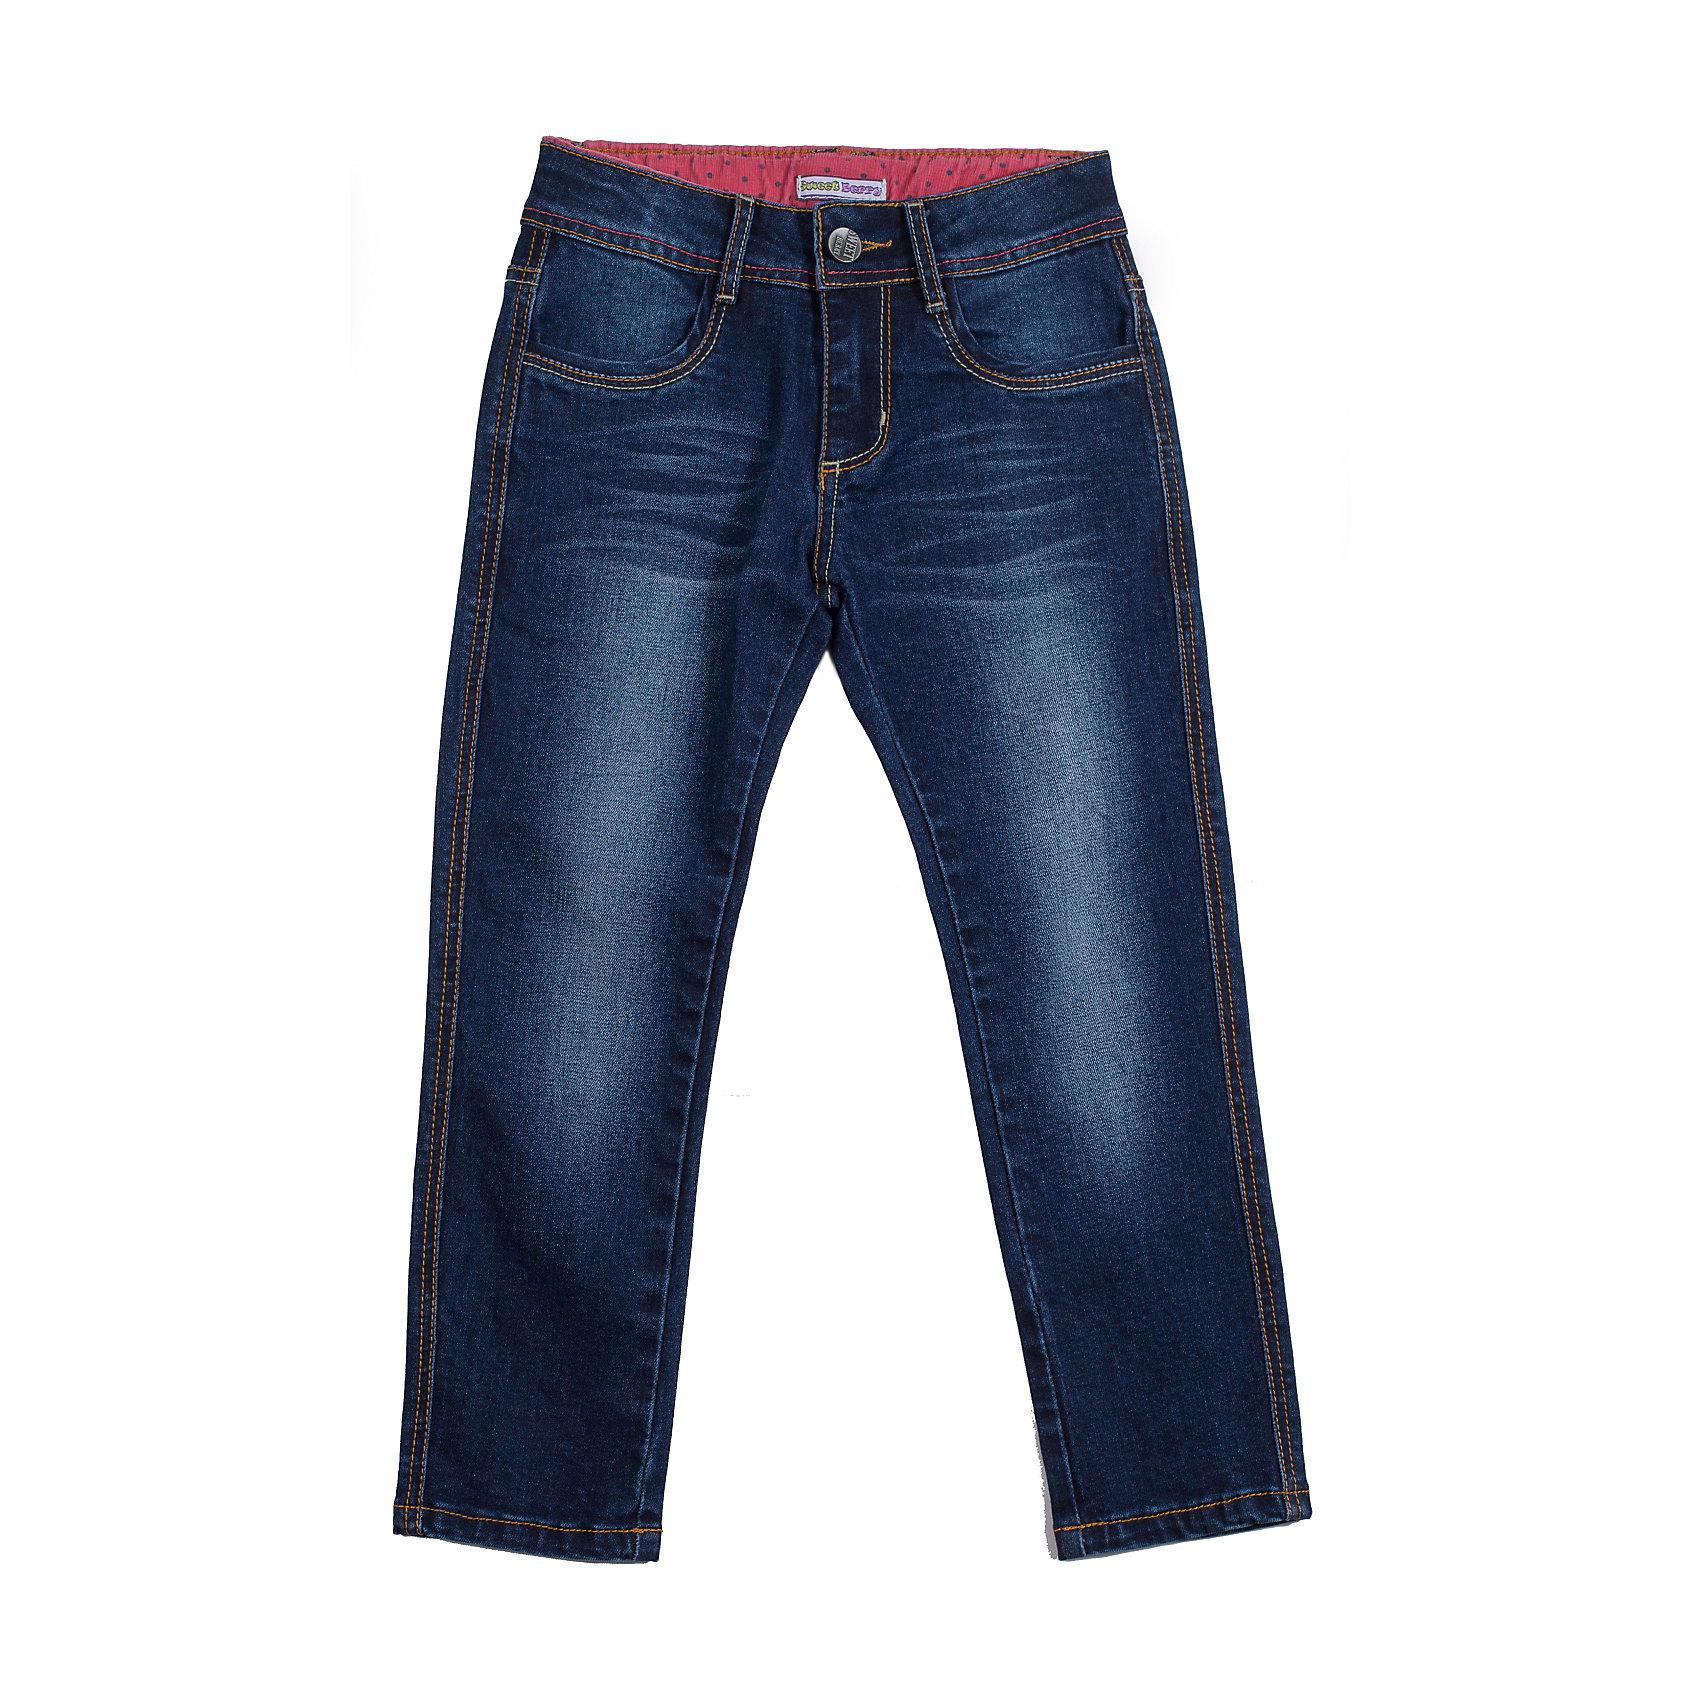 Джинсы для девочки Sweet BerryДжинсы на девочку. Классическая модель 5 карманов отлично сочетается с футболками и блузками. Декорированы контрастными отстрочками.<br>Состав:<br>98% хлопок, 2% эластан<br><br>Ширина мм: 215<br>Глубина мм: 88<br>Высота мм: 191<br>Вес г: 336<br>Цвет: синий<br>Возраст от месяцев: 48<br>Возраст до месяцев: 60<br>Пол: Женский<br>Возраст: Детский<br>Размер: 110,128,116,104,98,122<br>SKU: 4272945